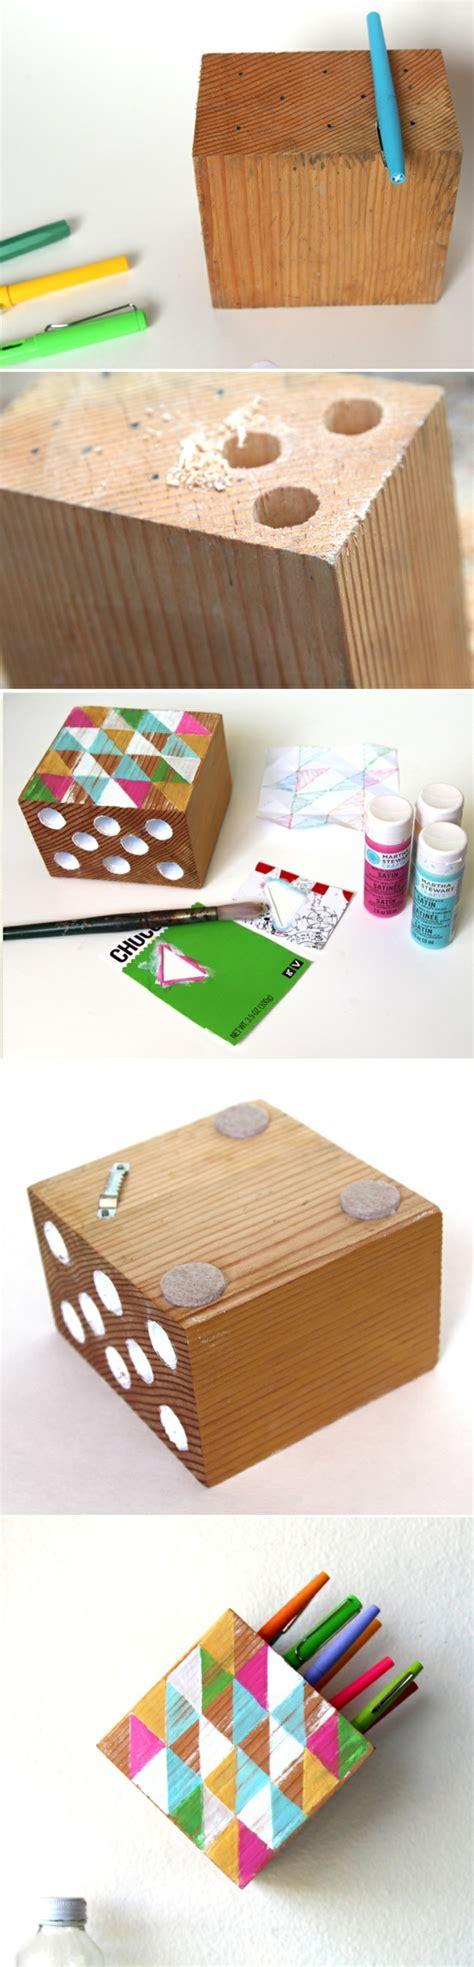 geschenke aus holz selber machen 1001 originelle und coole bastelideen zur inspiration